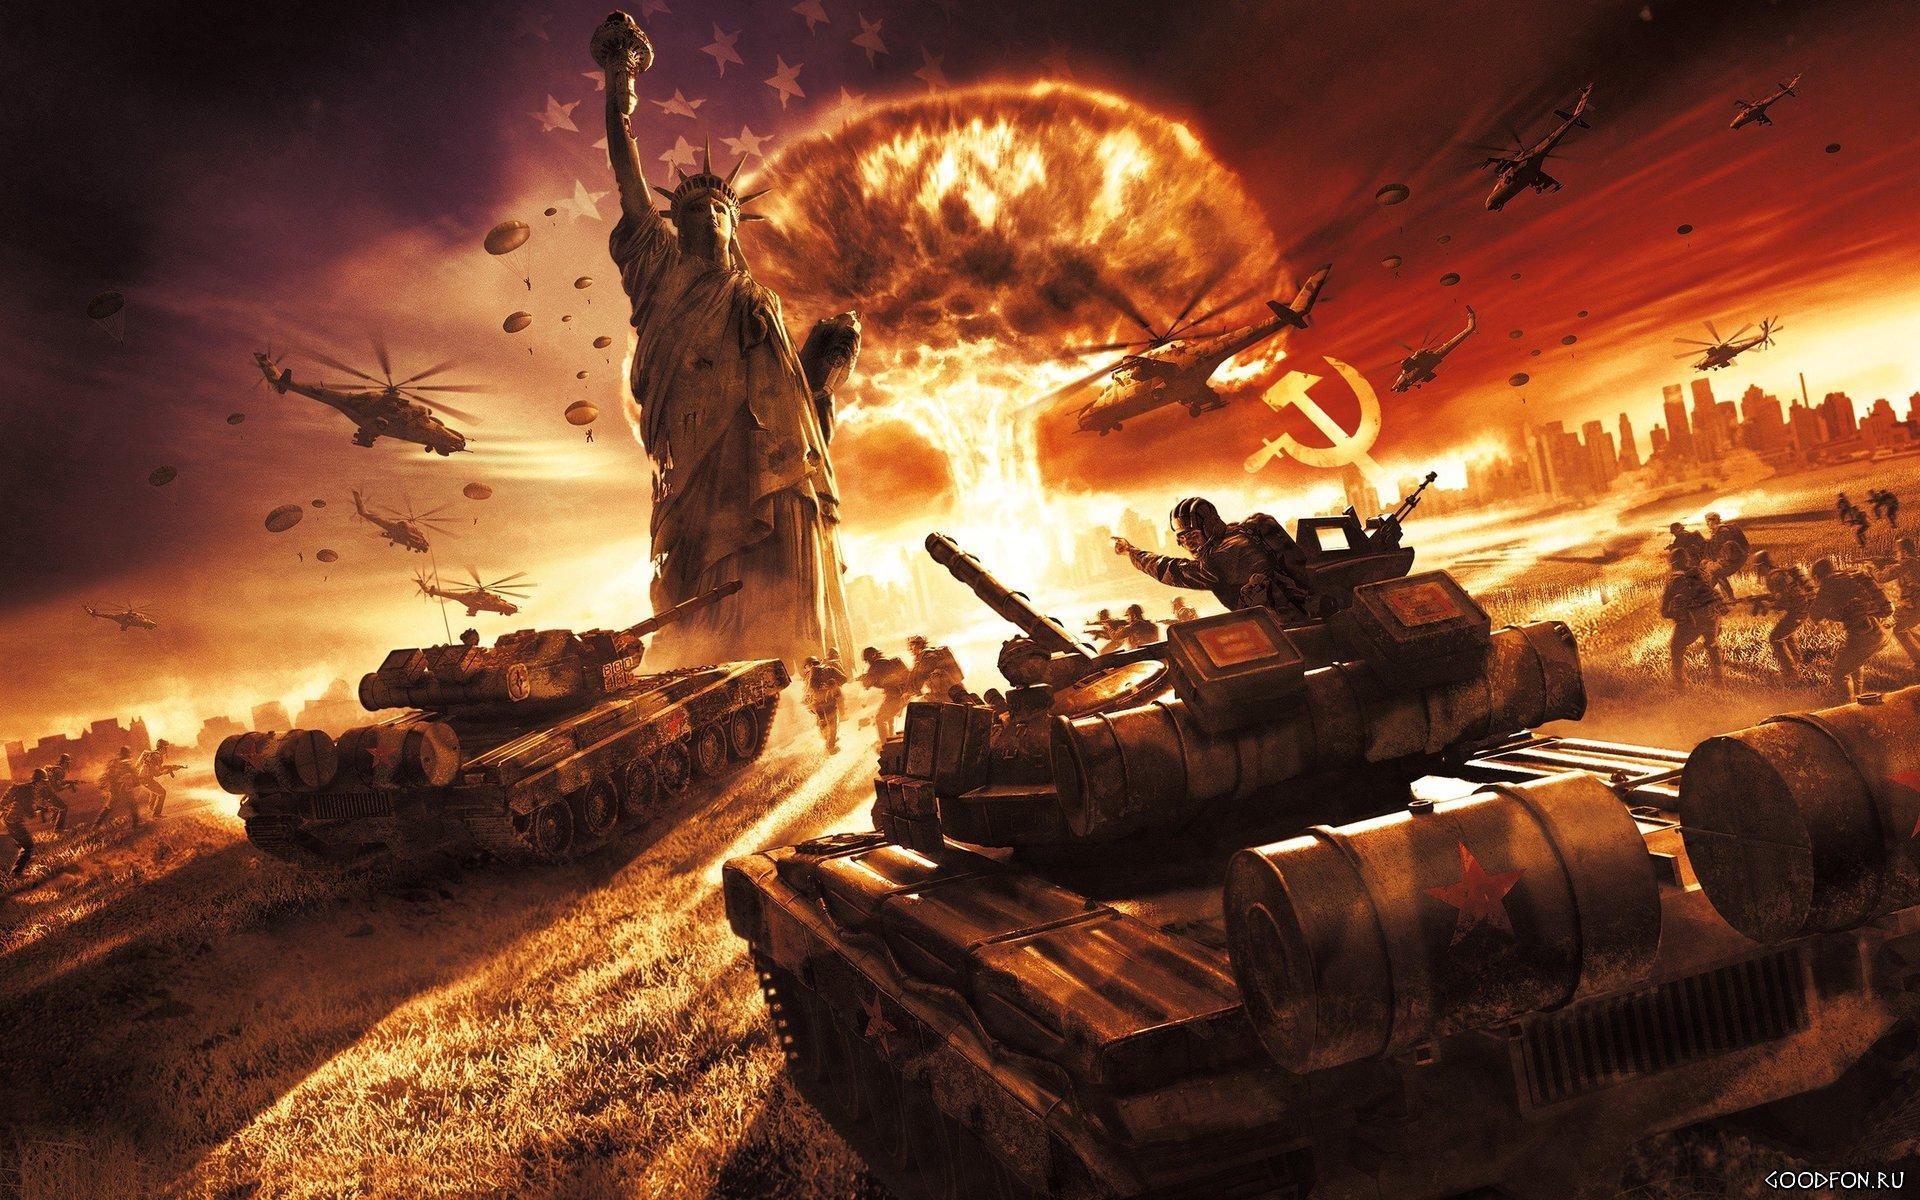 Глобальная война Запада с Россией: предчувствие или реальность?  | Блог shaya | КОНТ